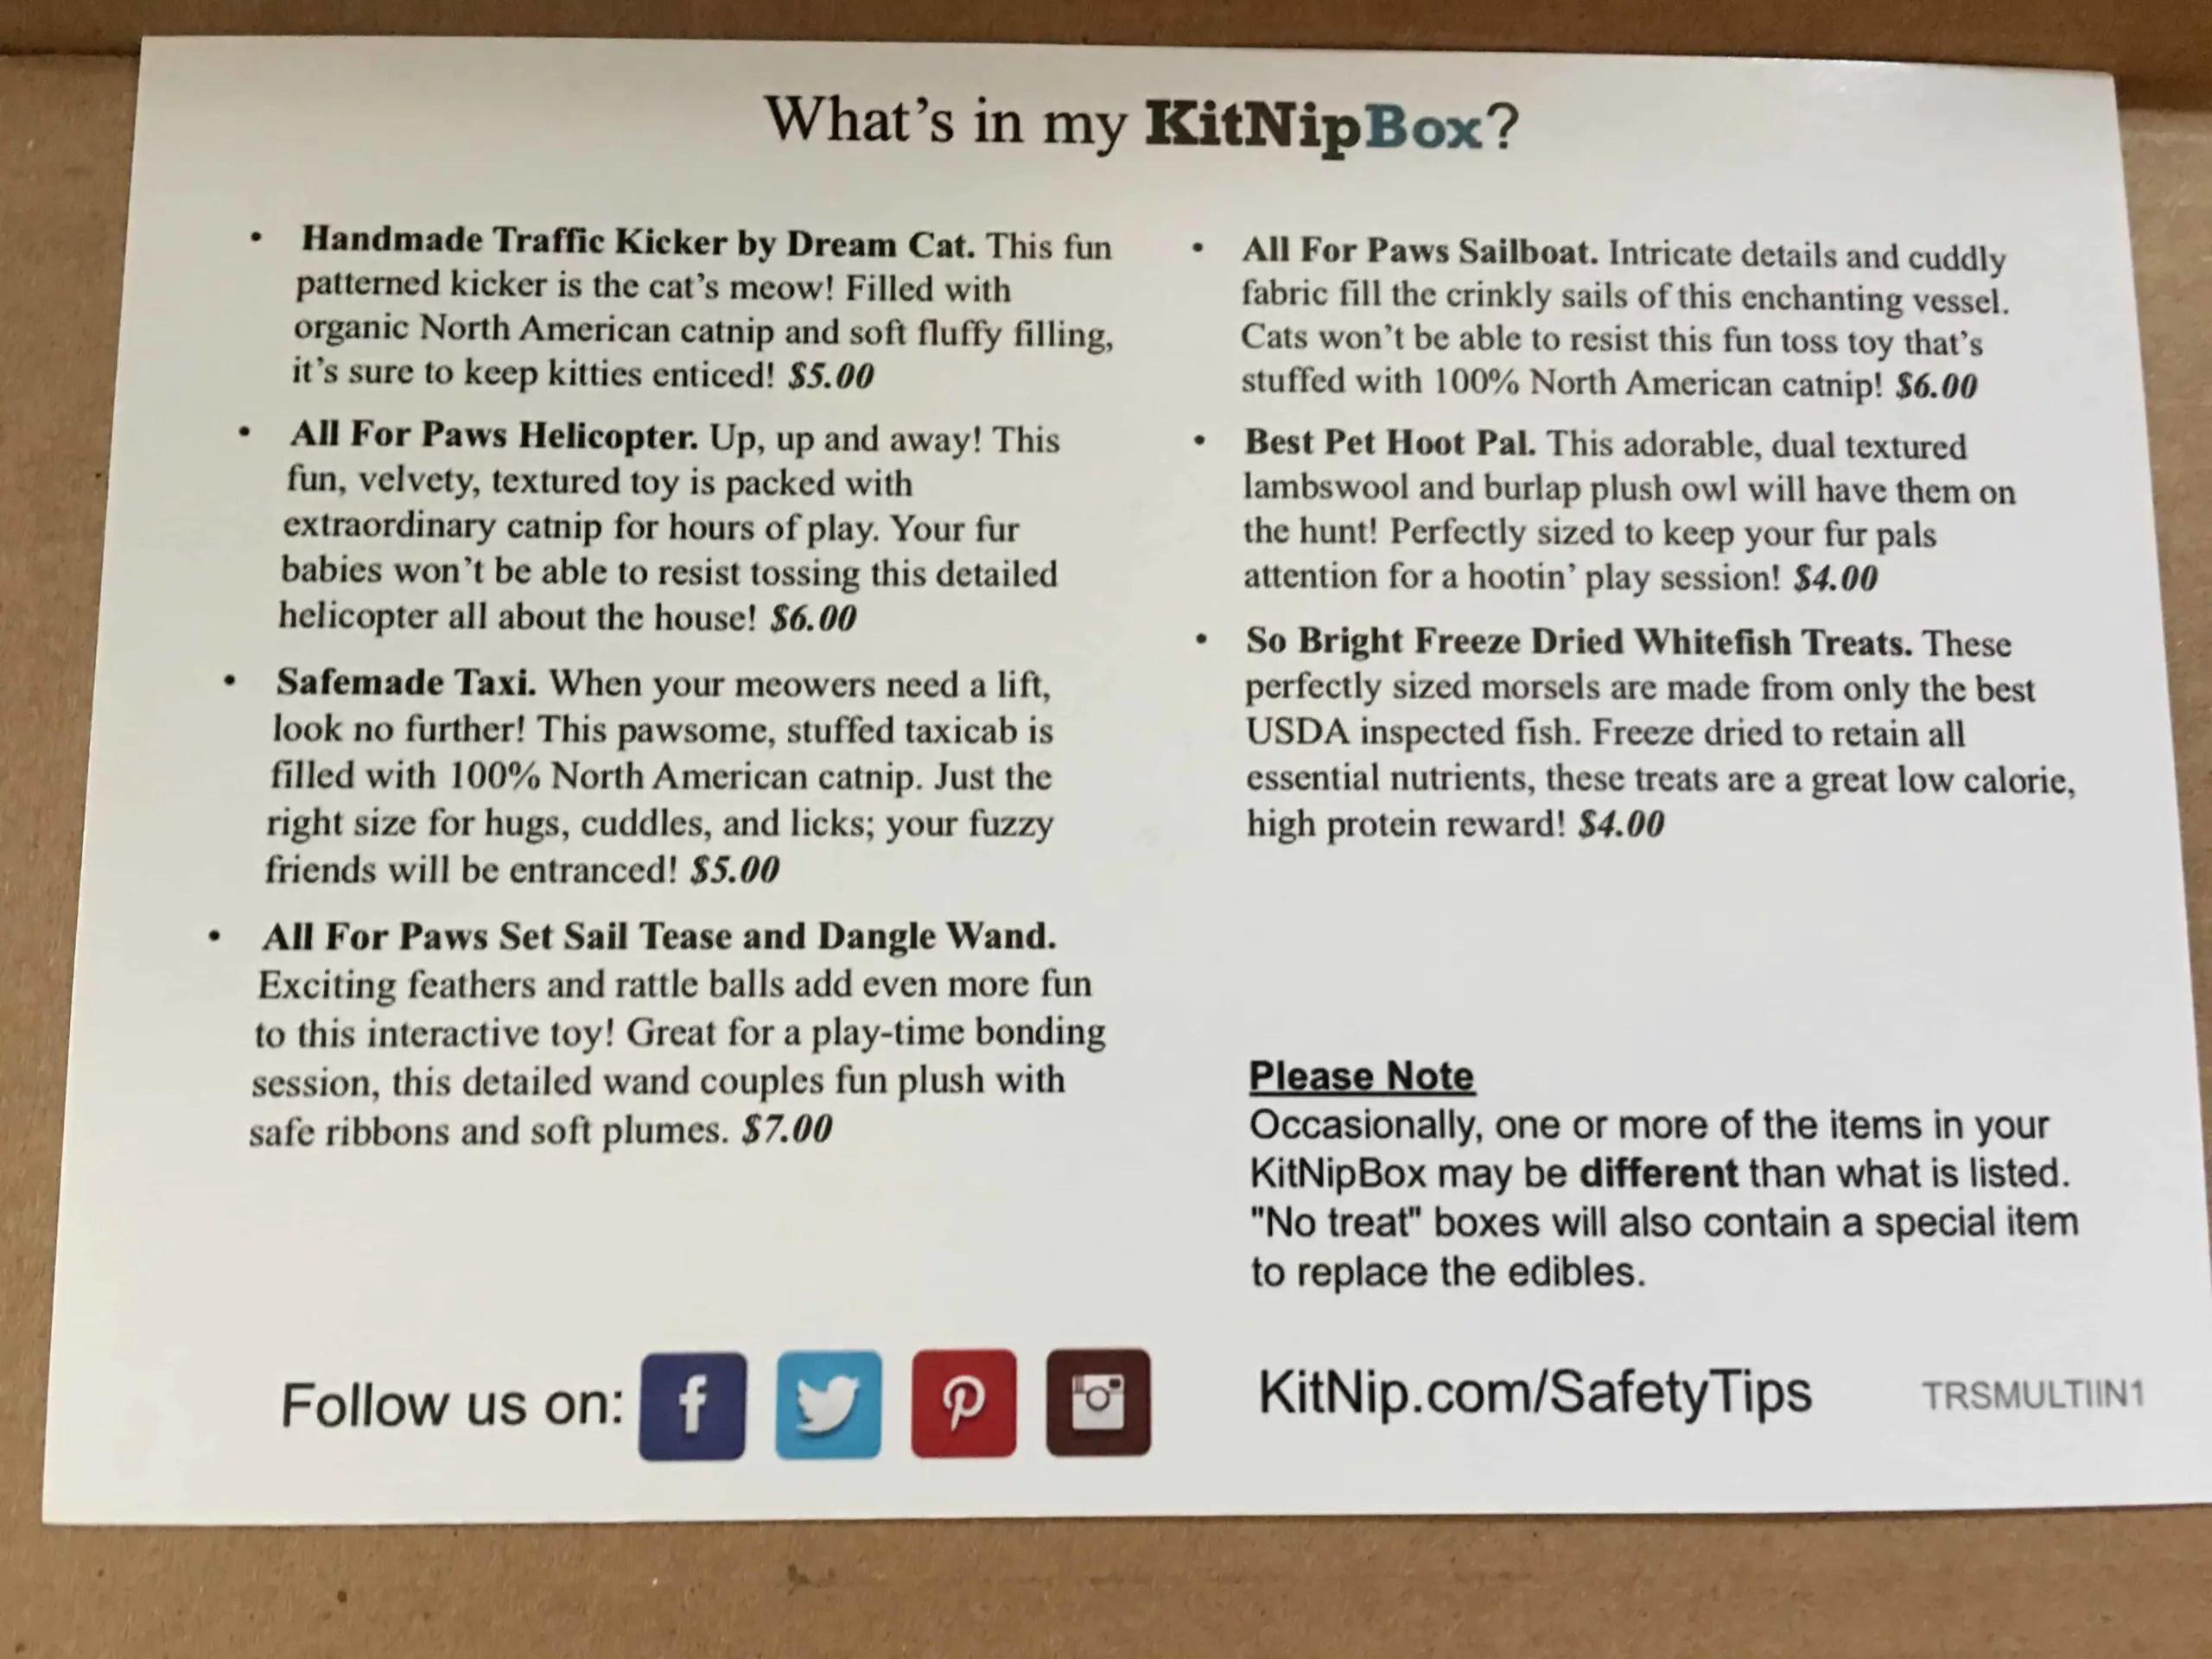 February 2018 KitNipBox - Item List